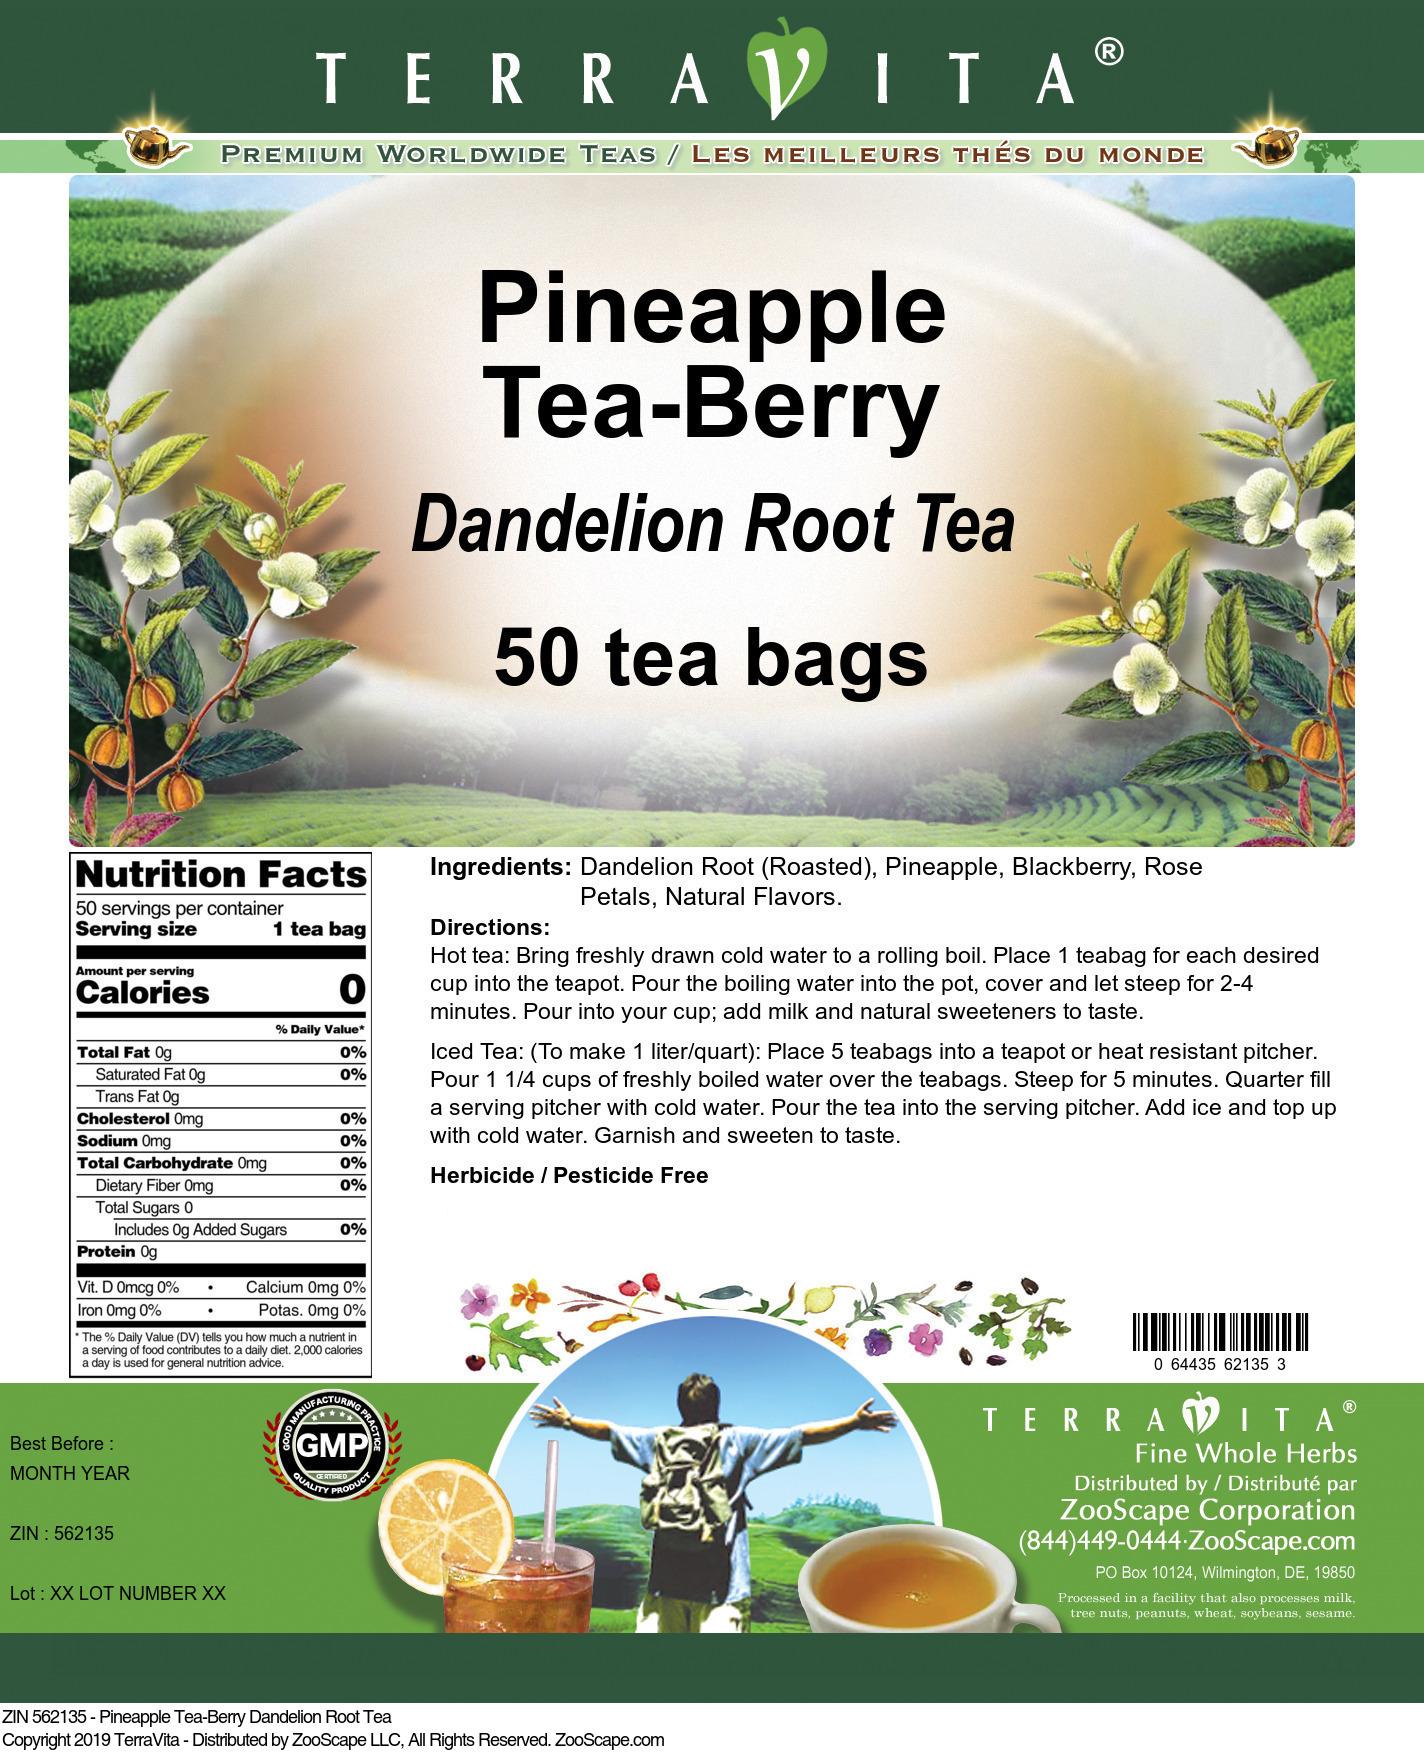 Pineapple Tea-Berry Dandelion Root Tea